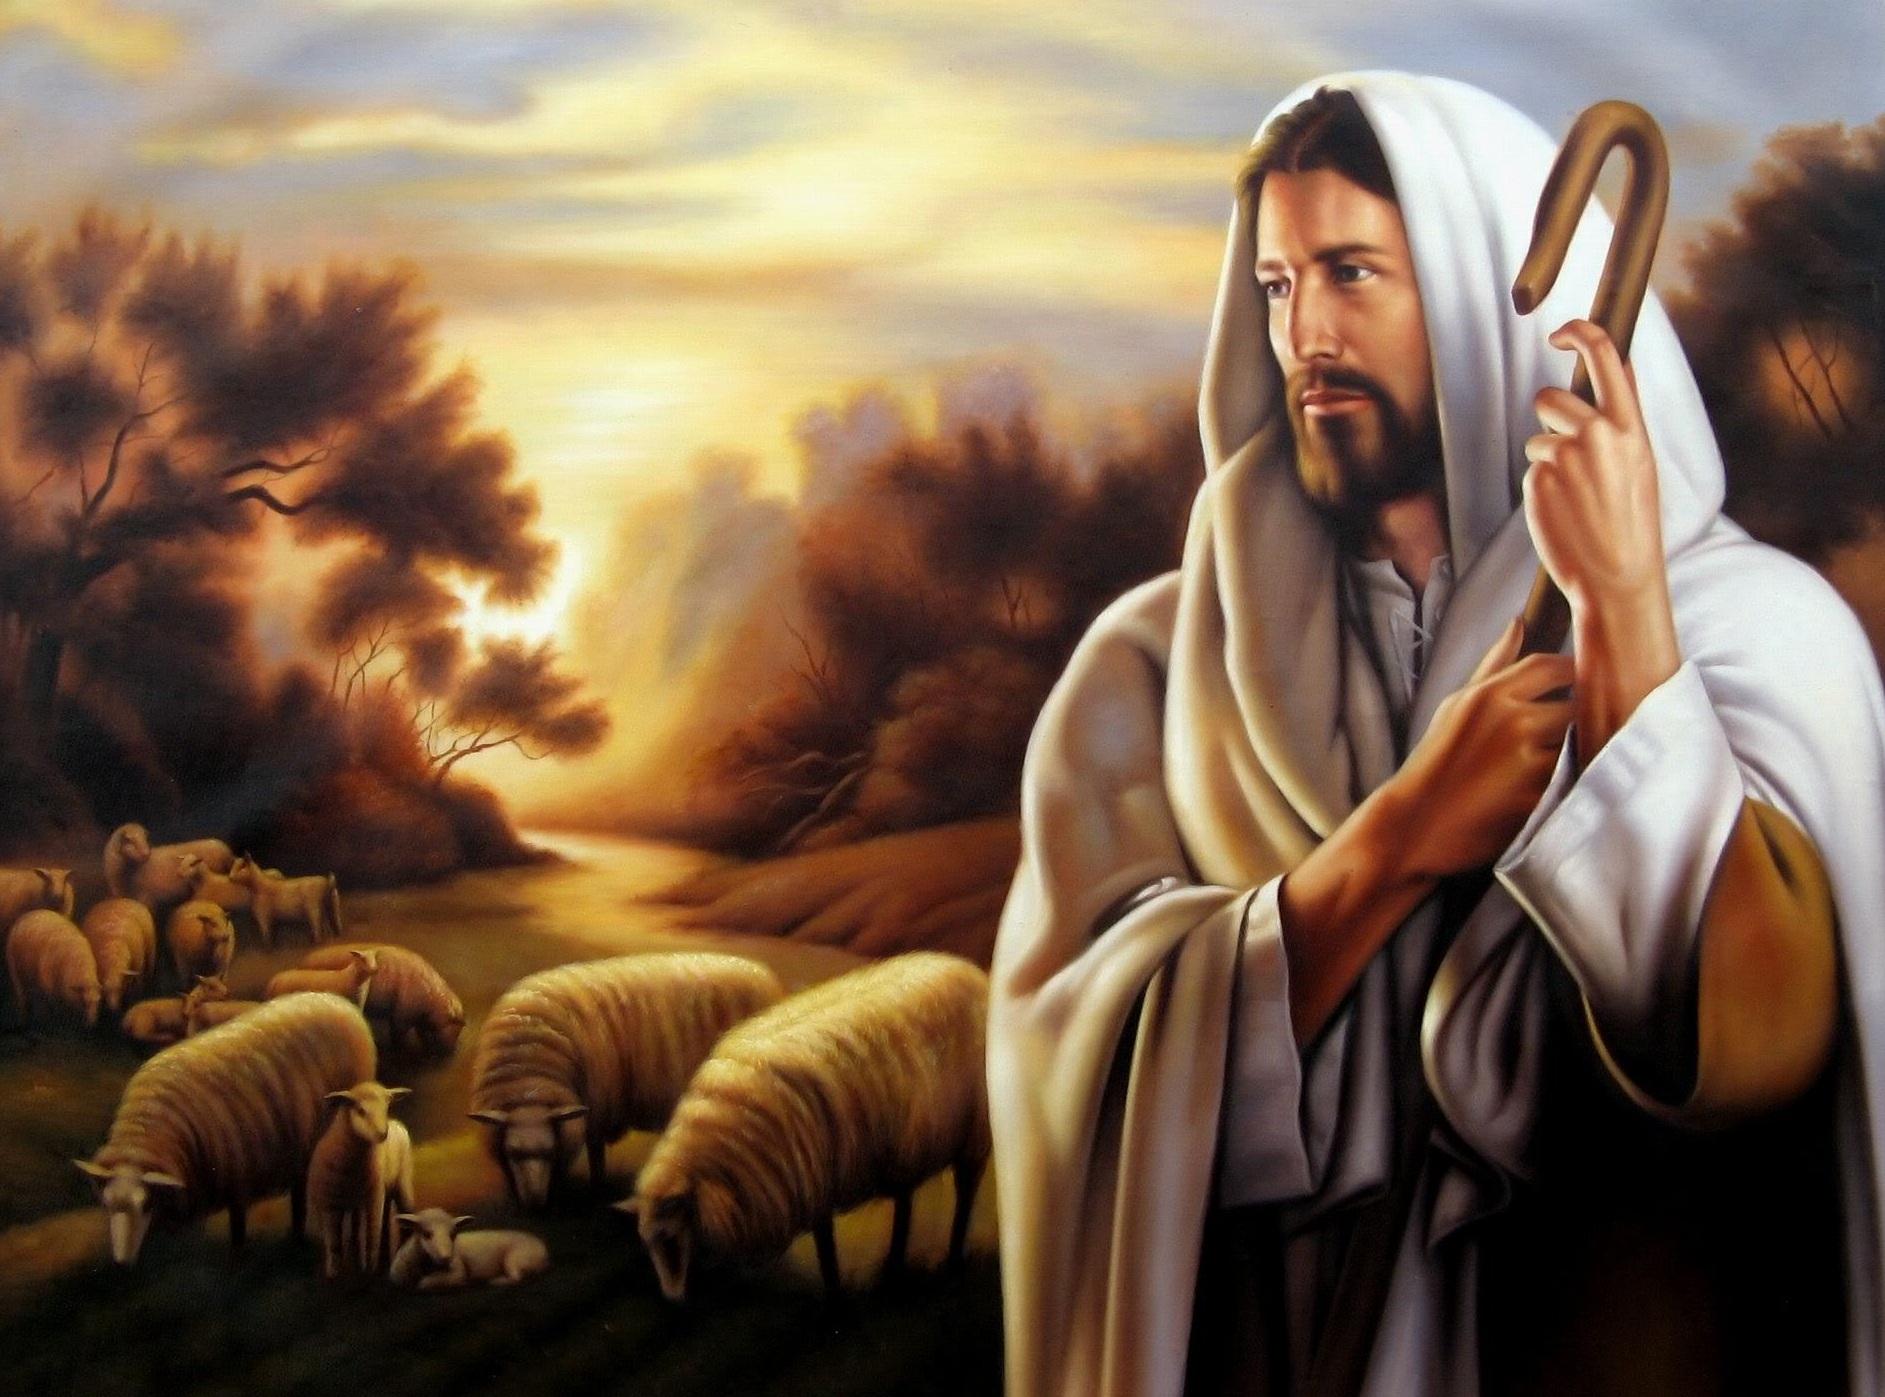 Isus Dobri Pastir